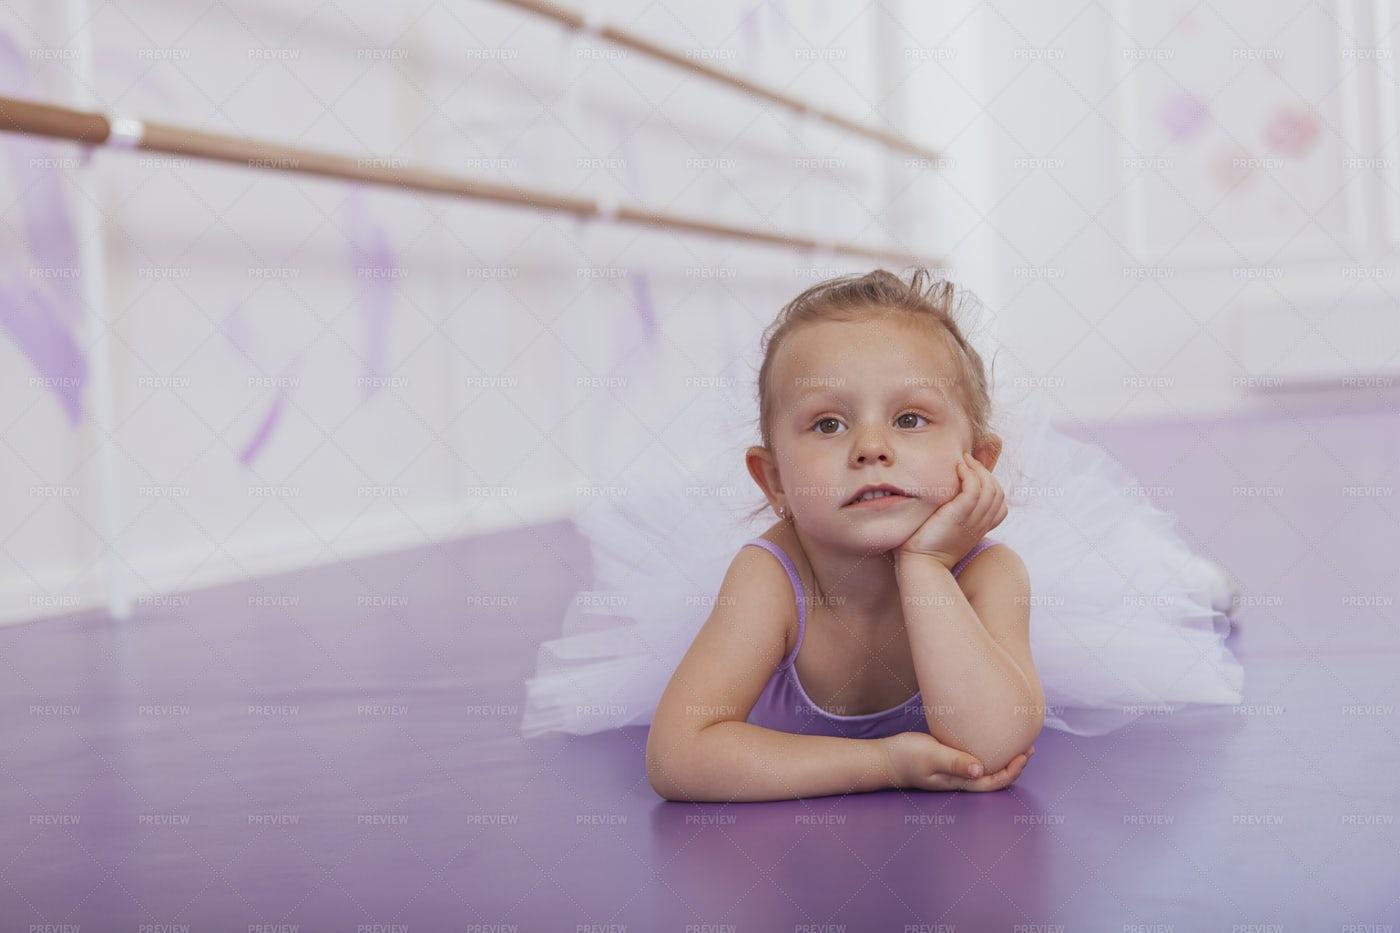 Bored At Ballet Class: Stock Photos